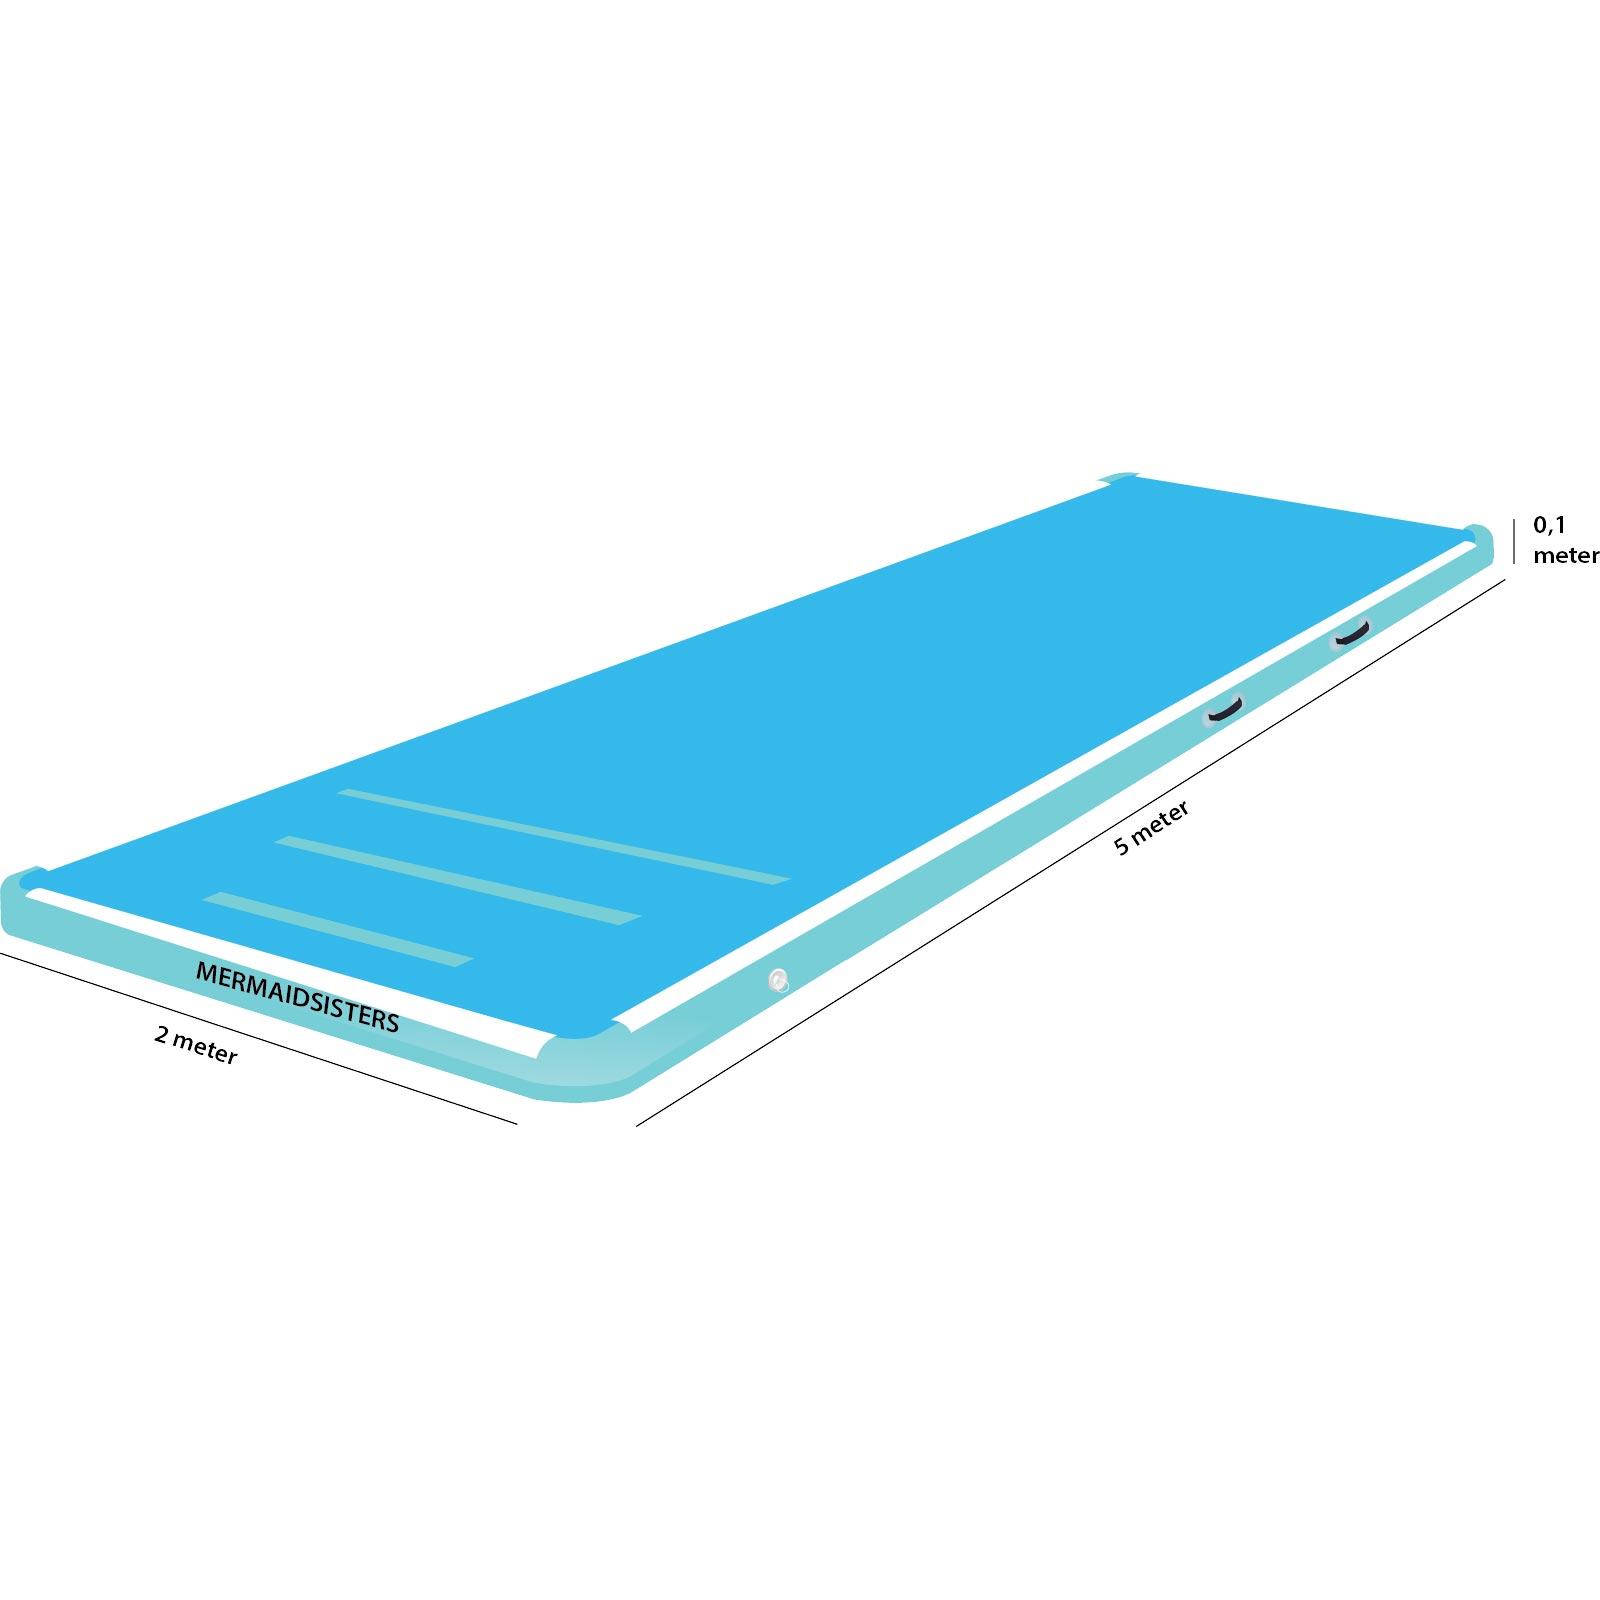 AirTrack 5 meter blauw 2 meter breed 10 cm hoog